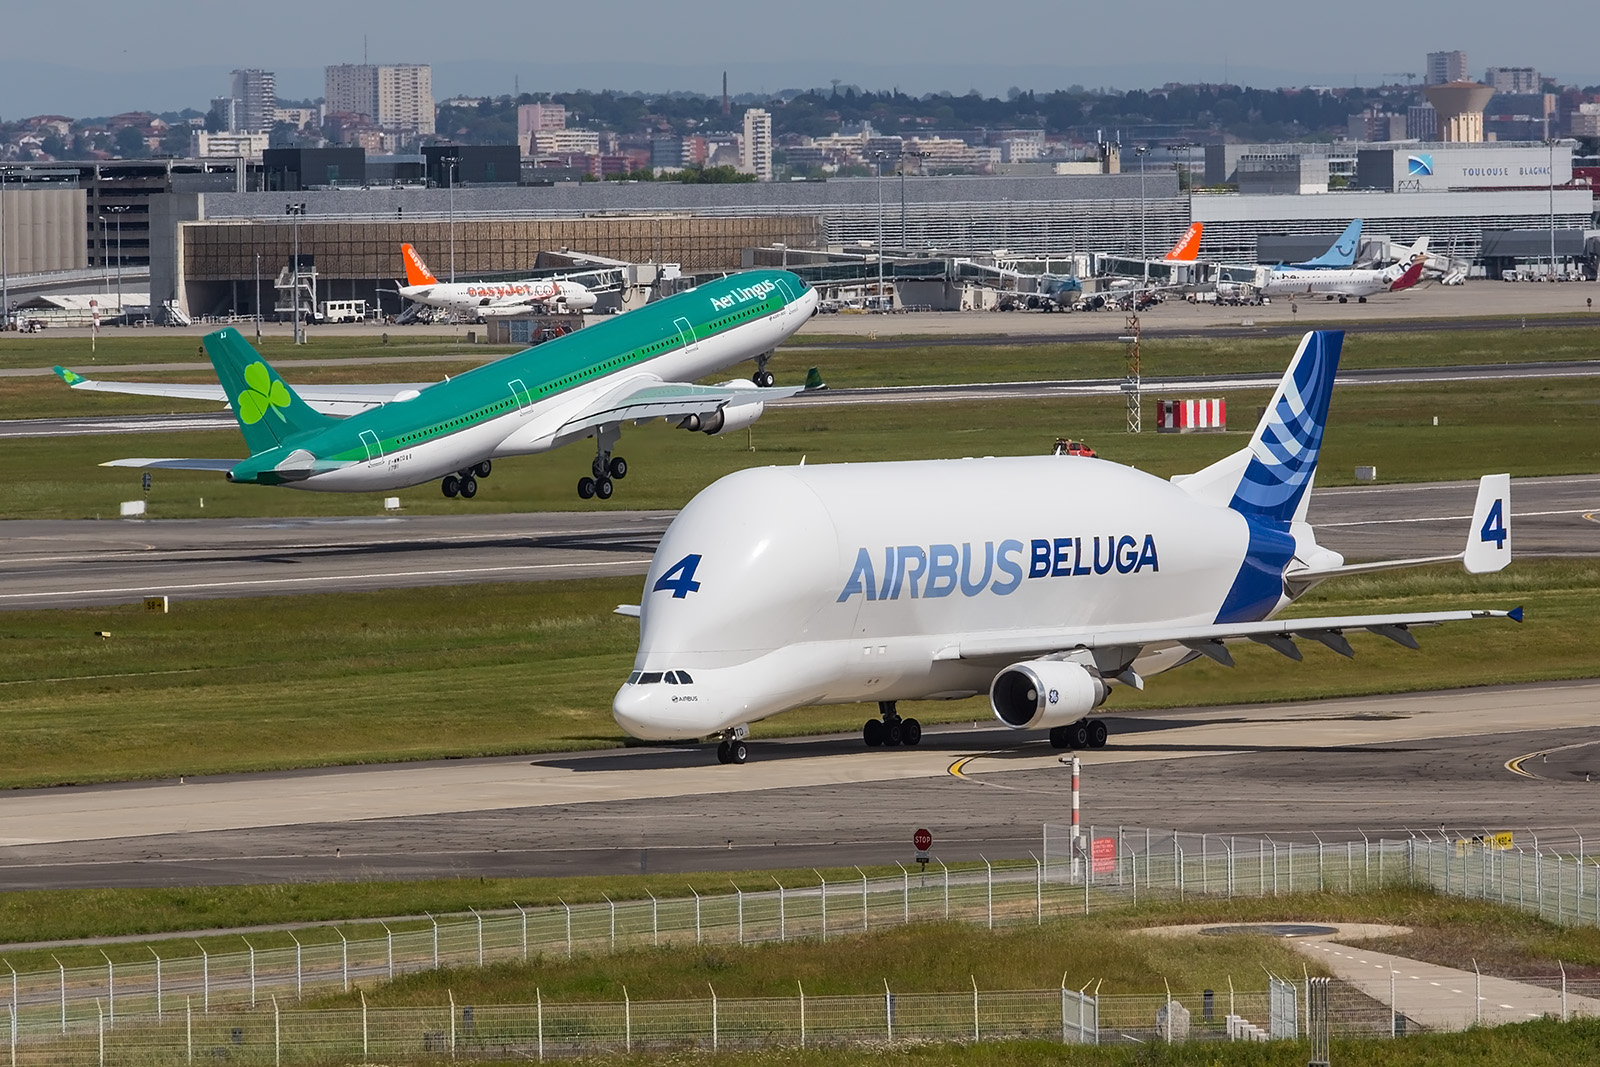 Die Belugas auf Basis der A300 werden bald durch modernere Spezialtransporter auf Basis der A330 ergänzt bzw. ersetzt.